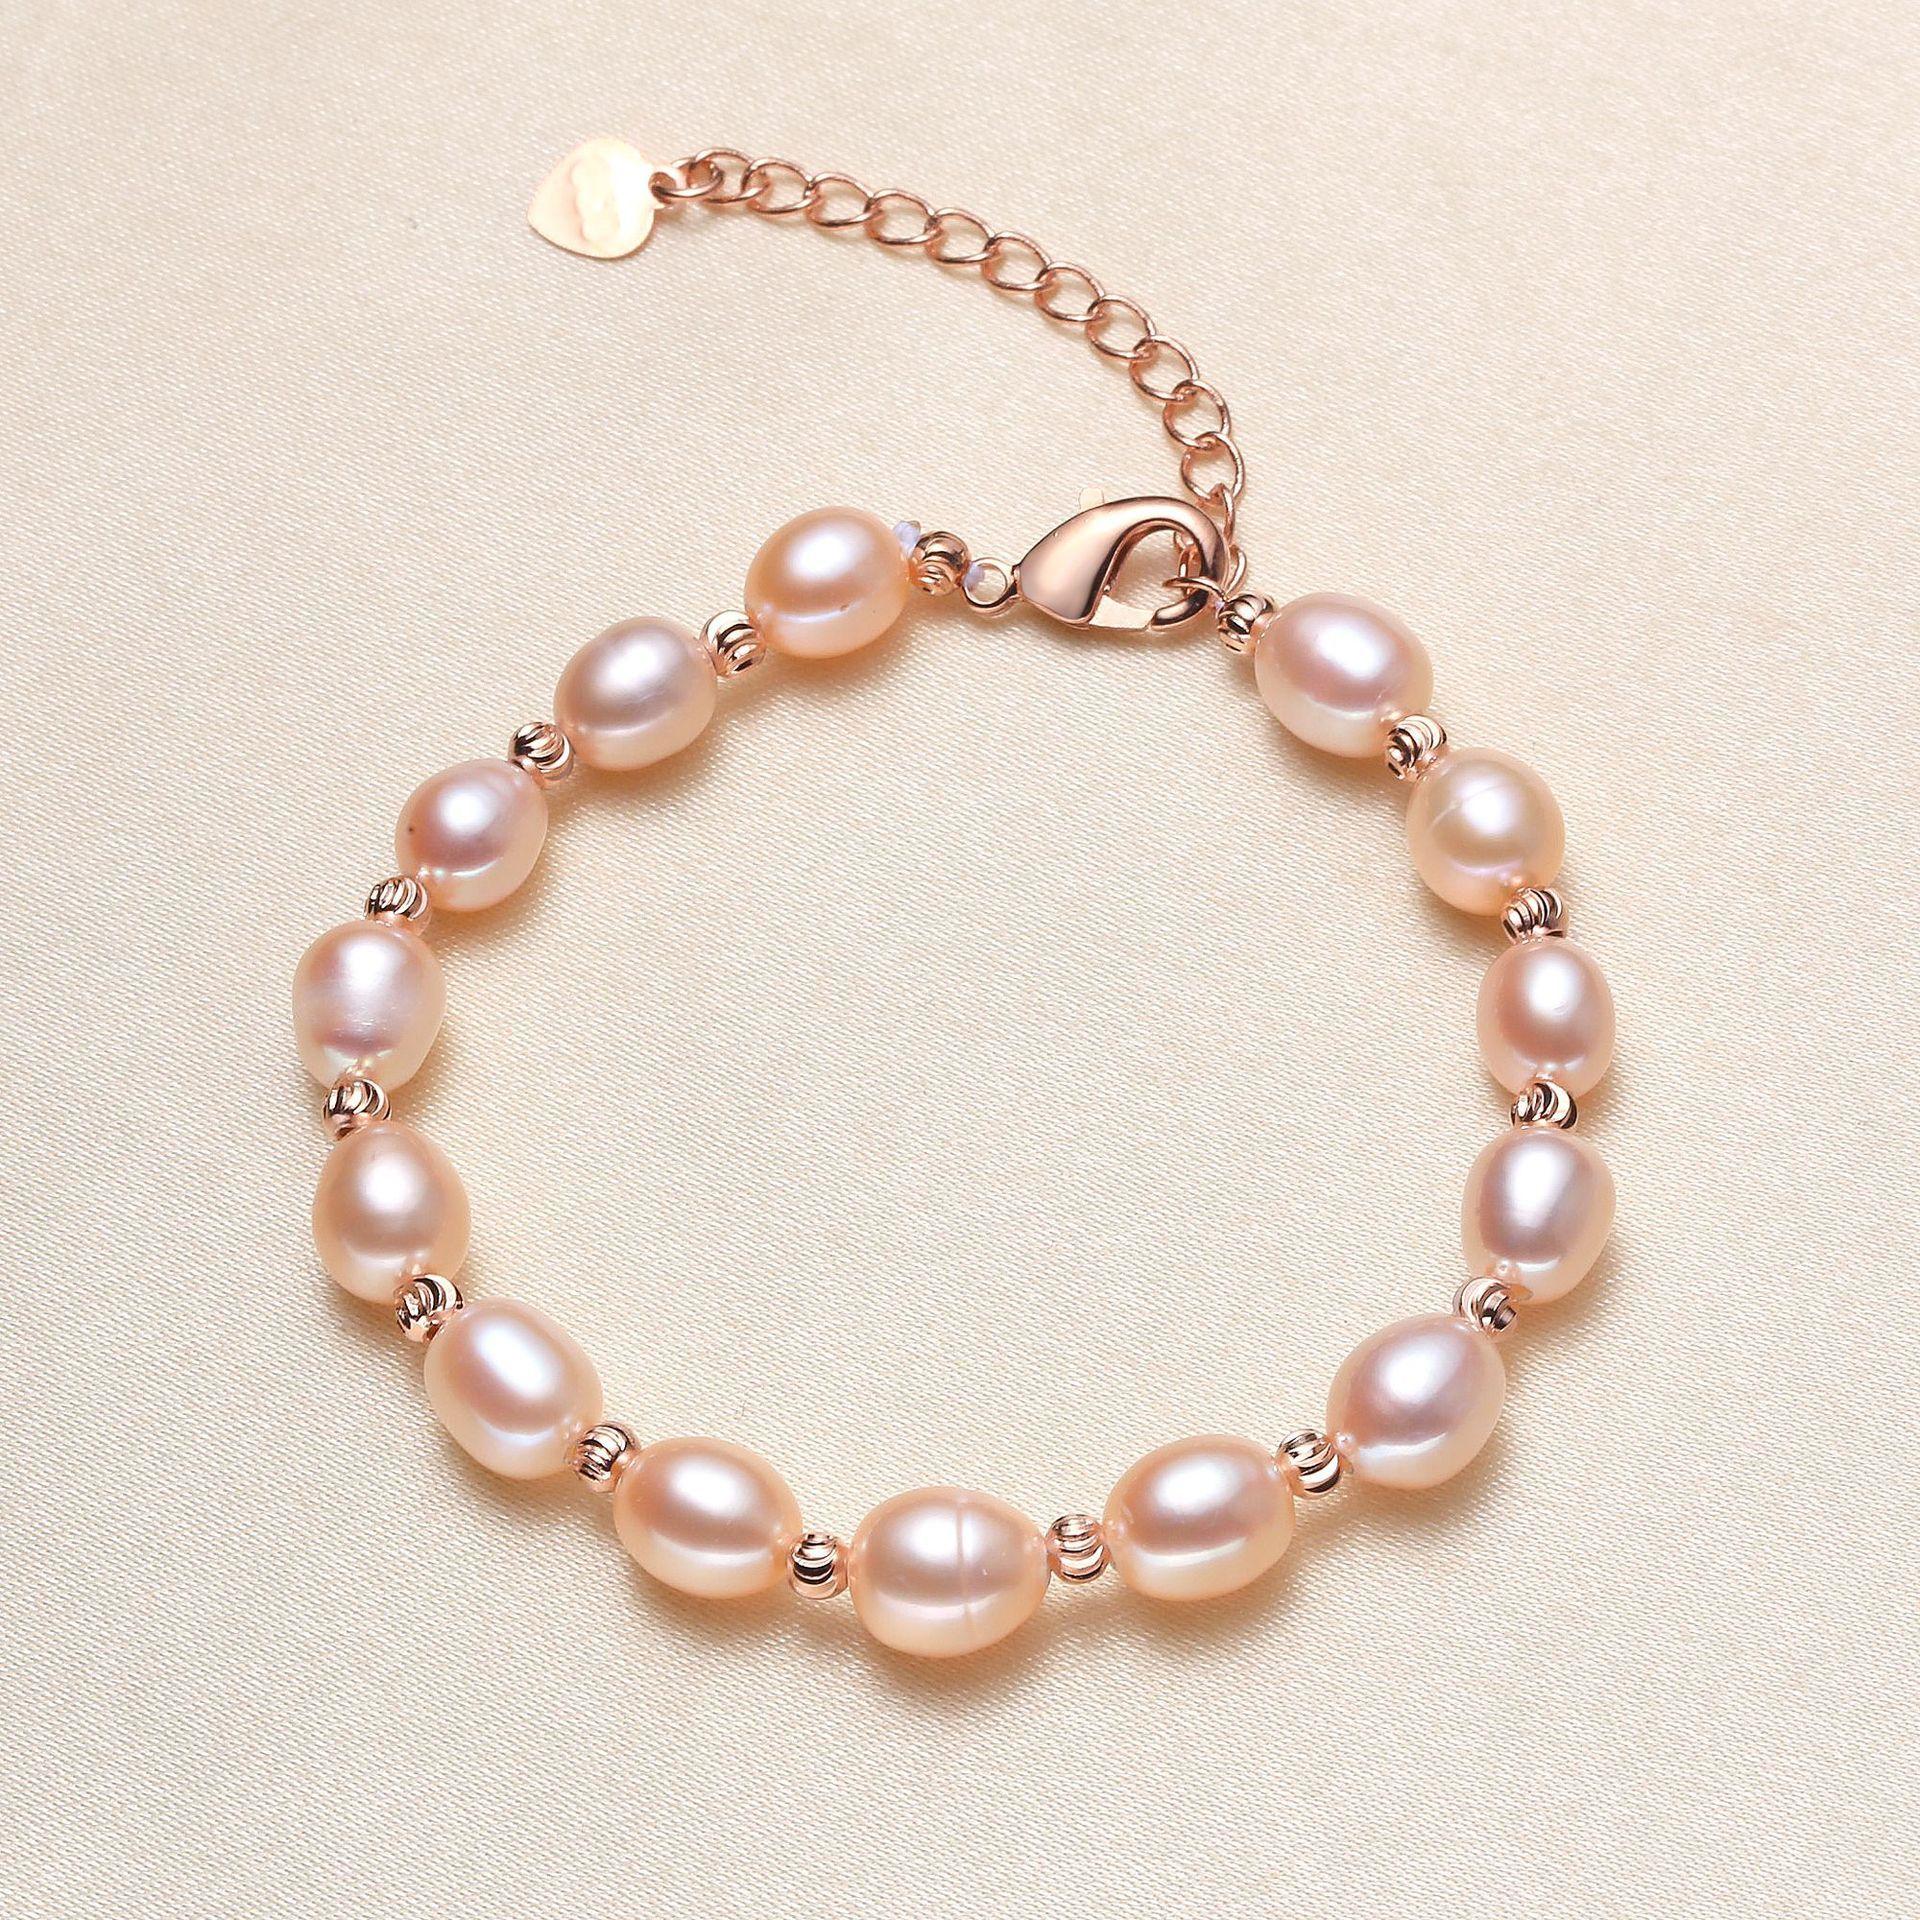 Aiyanishi белый розовый фиолетовый мульти жемчужный браслет мода трубки браслет жемчуга регулируемый браслет для женщин вечеринка творческий подарок Продвижение